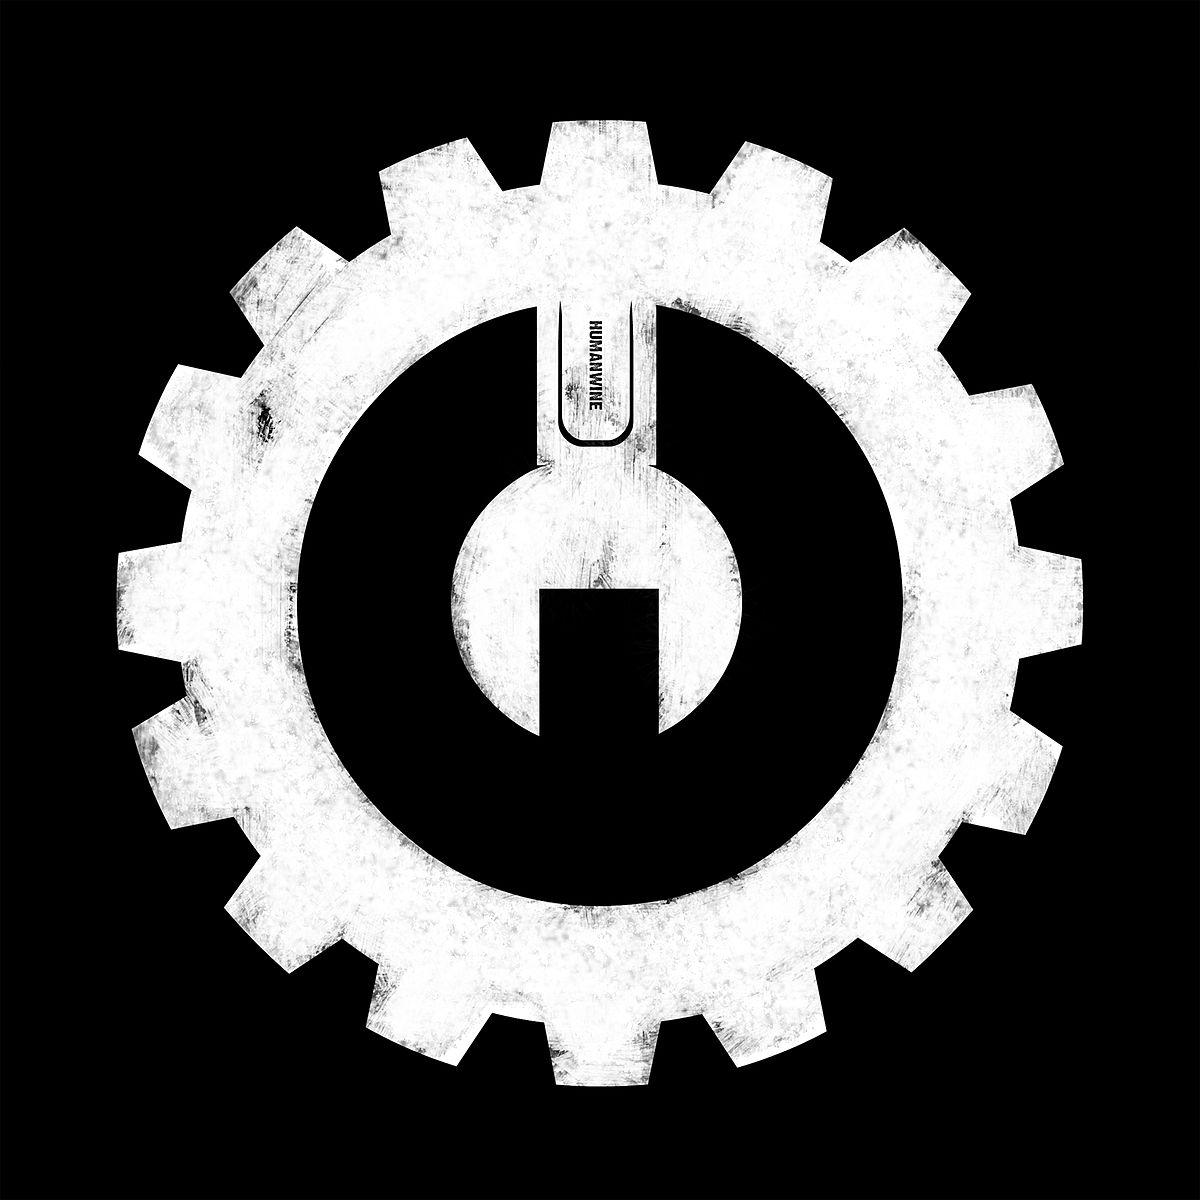 10x10 gear.jpg